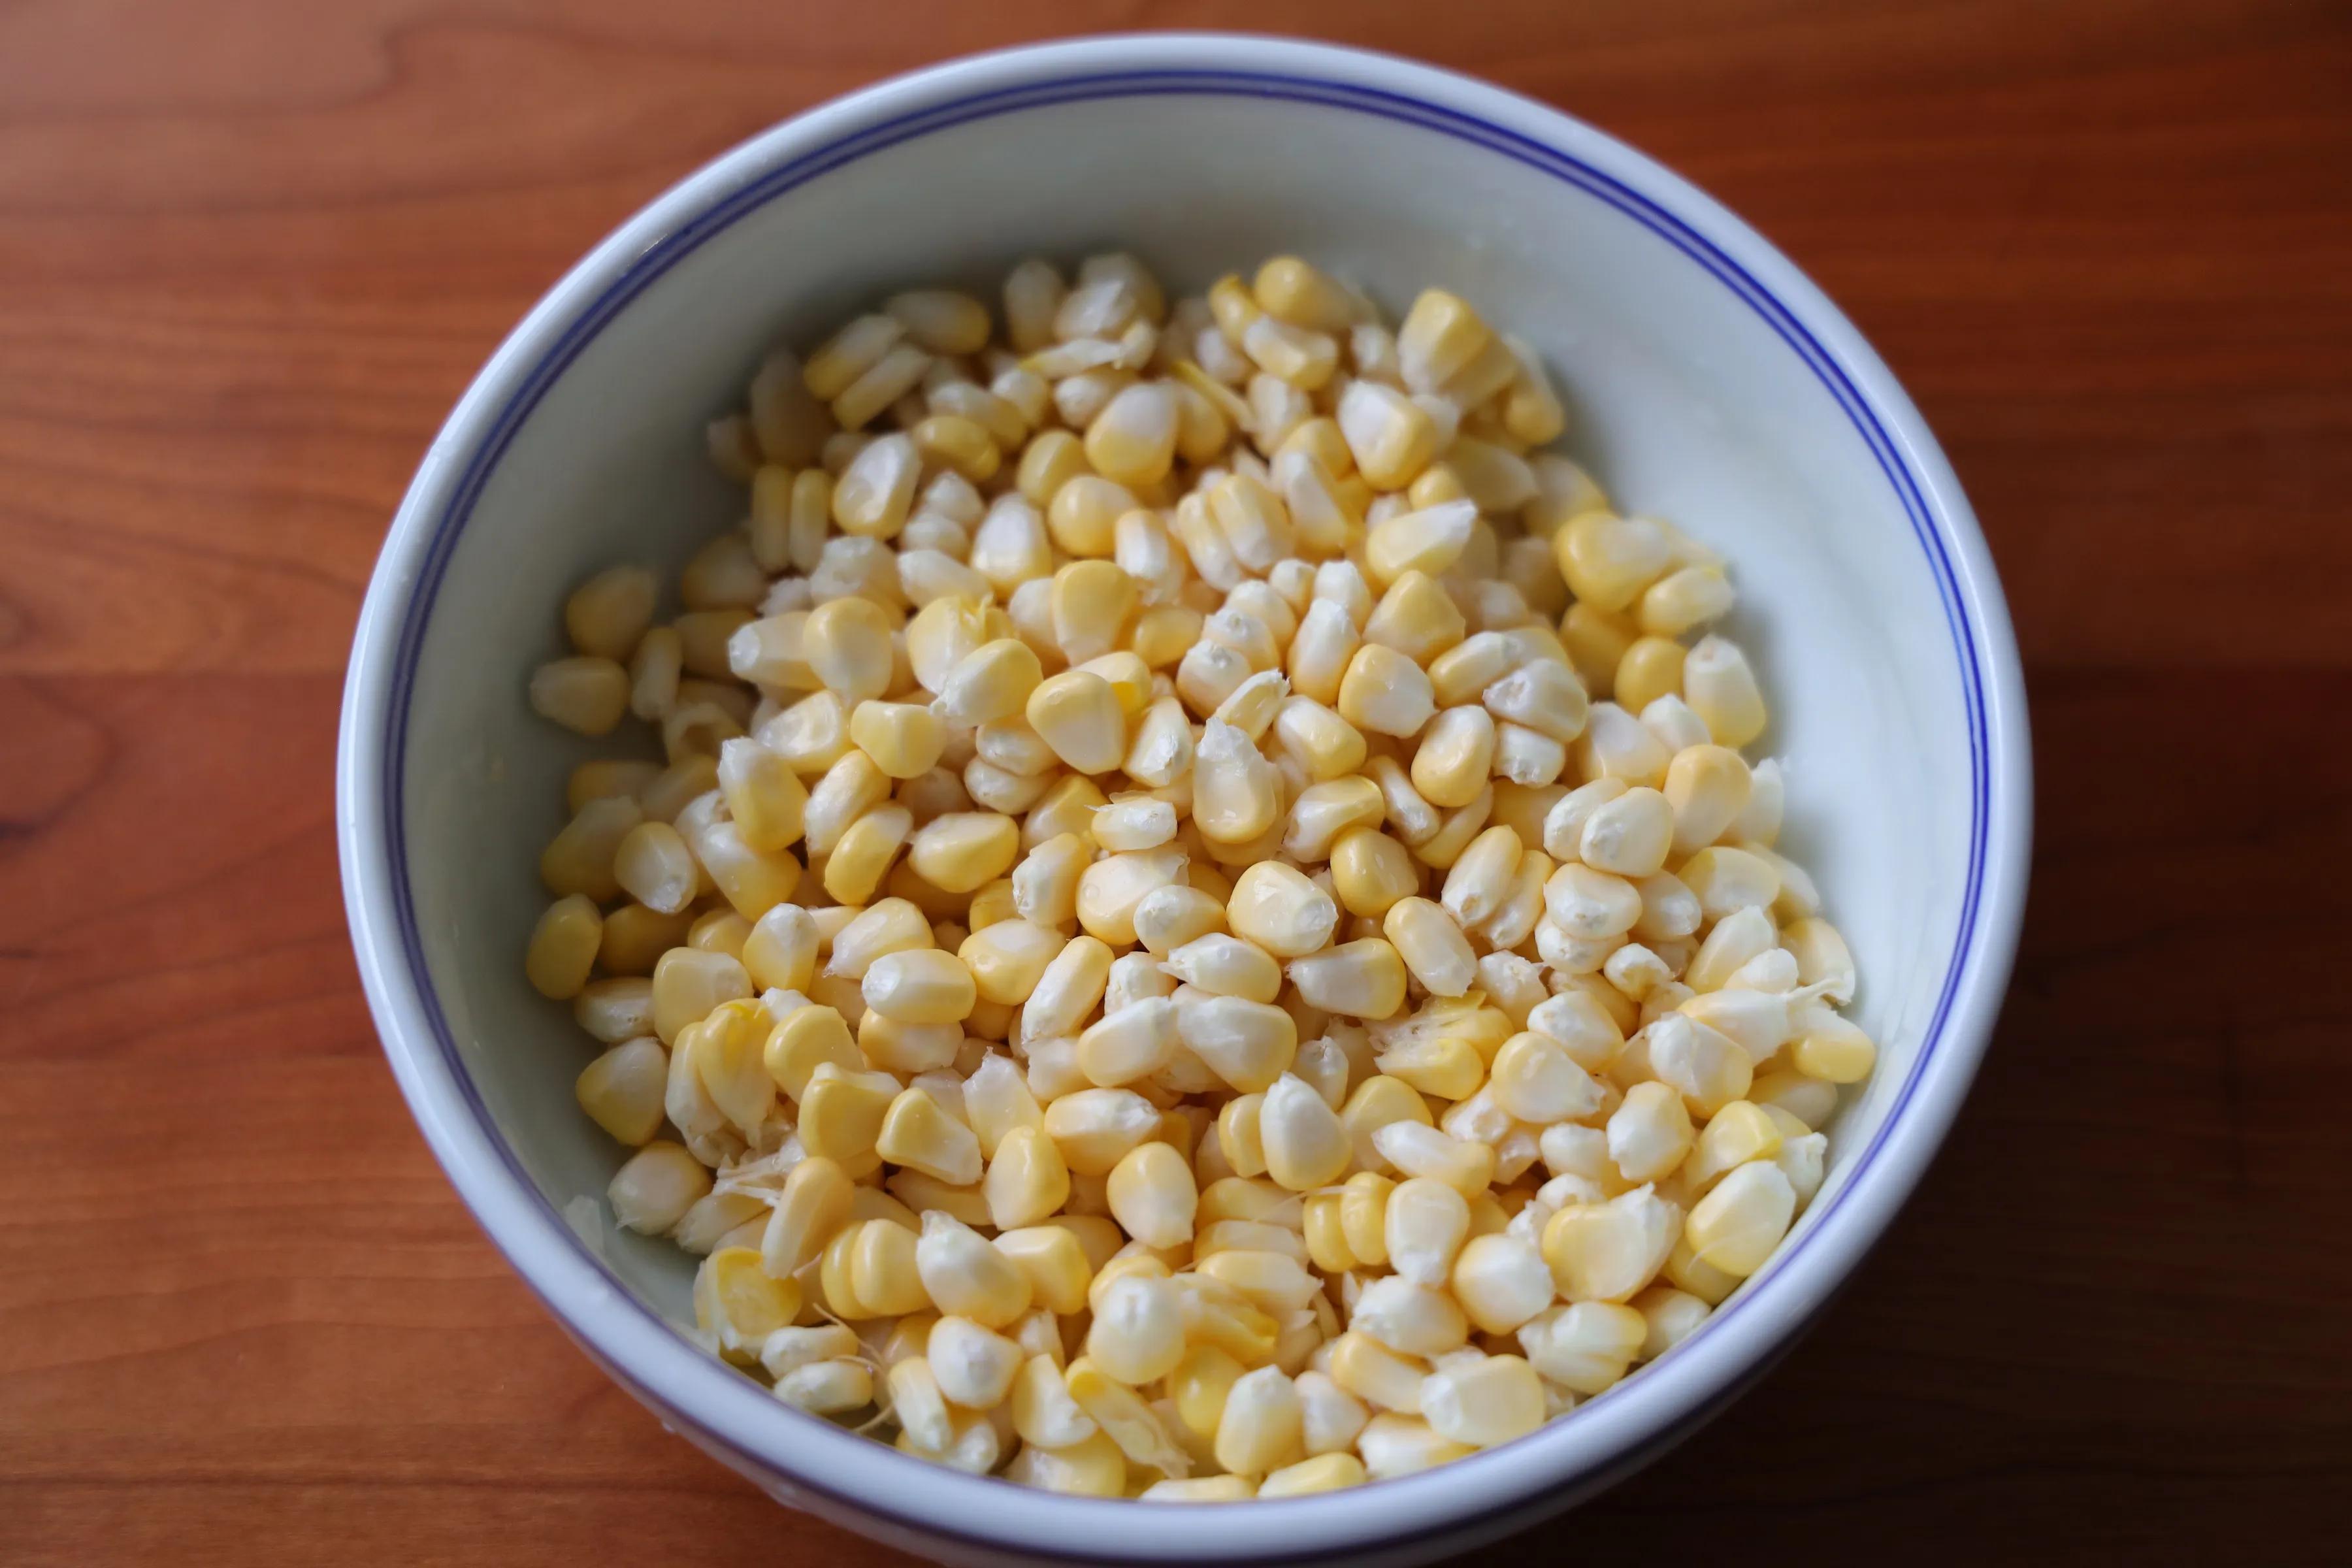 为何饭店的玉米汁那么好喝?秘诀告诉你,在家也能做超棒的玉米汁